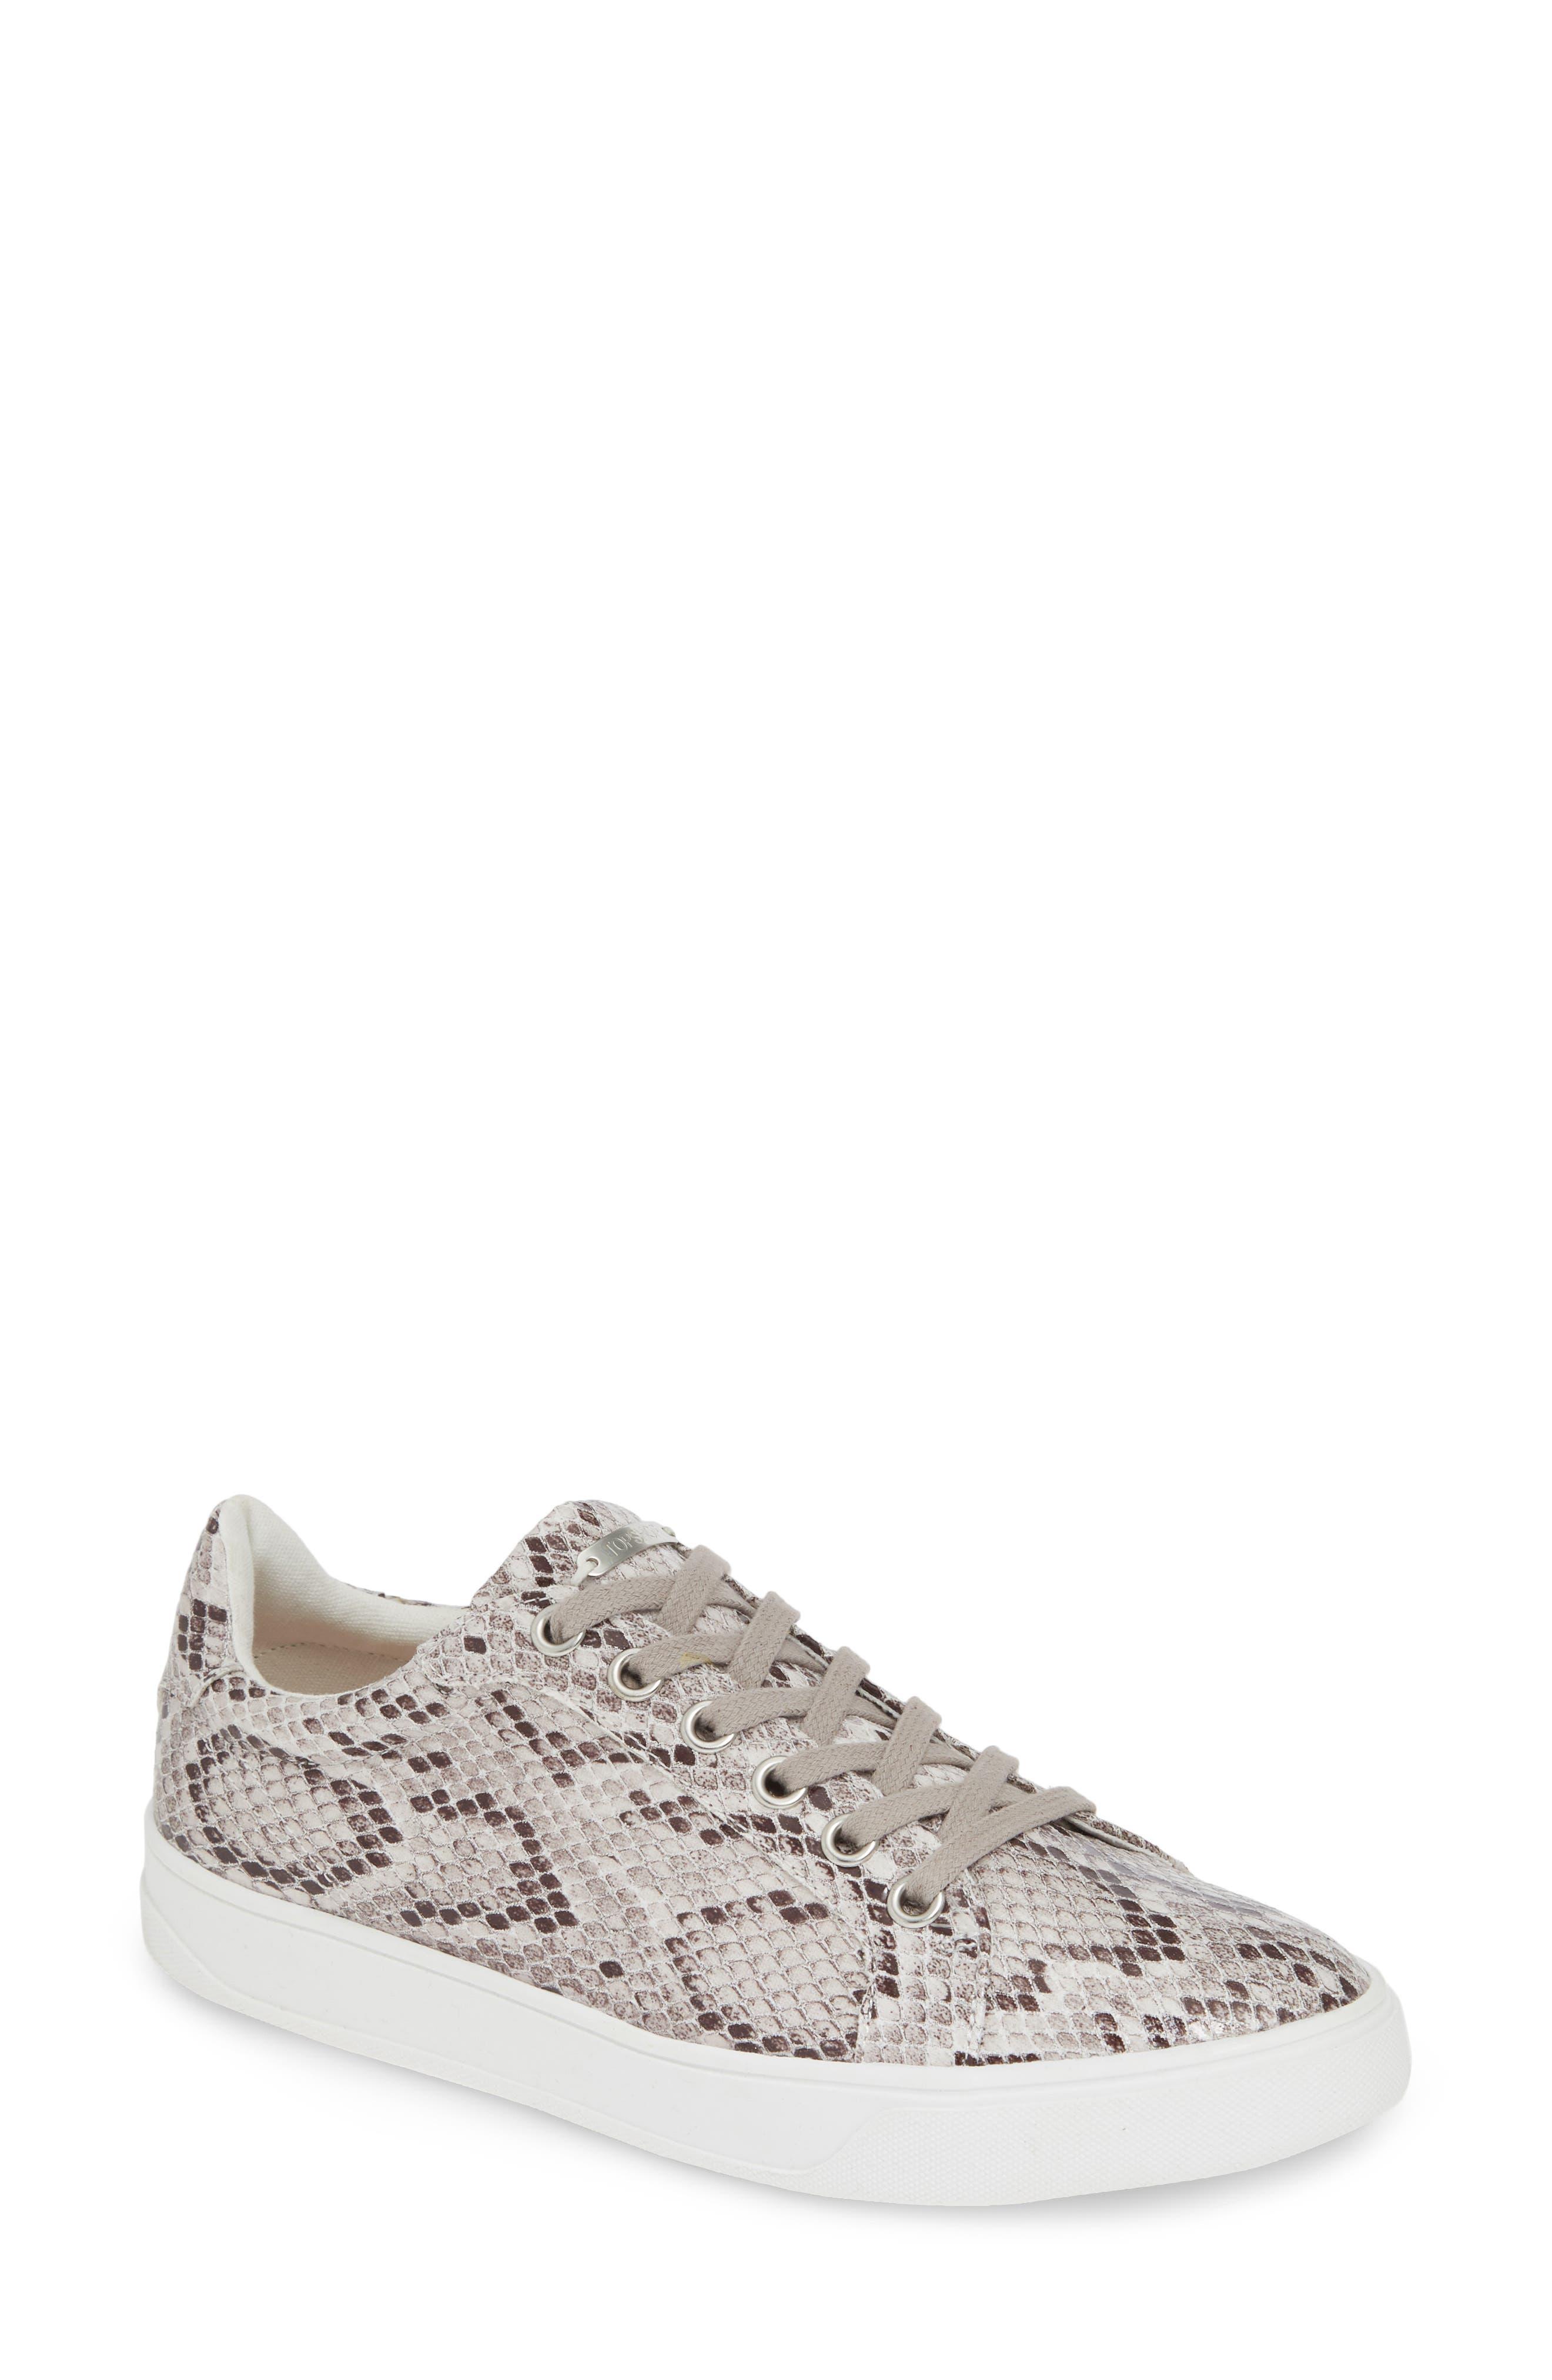 Topshop Cola Sneaker - Grey